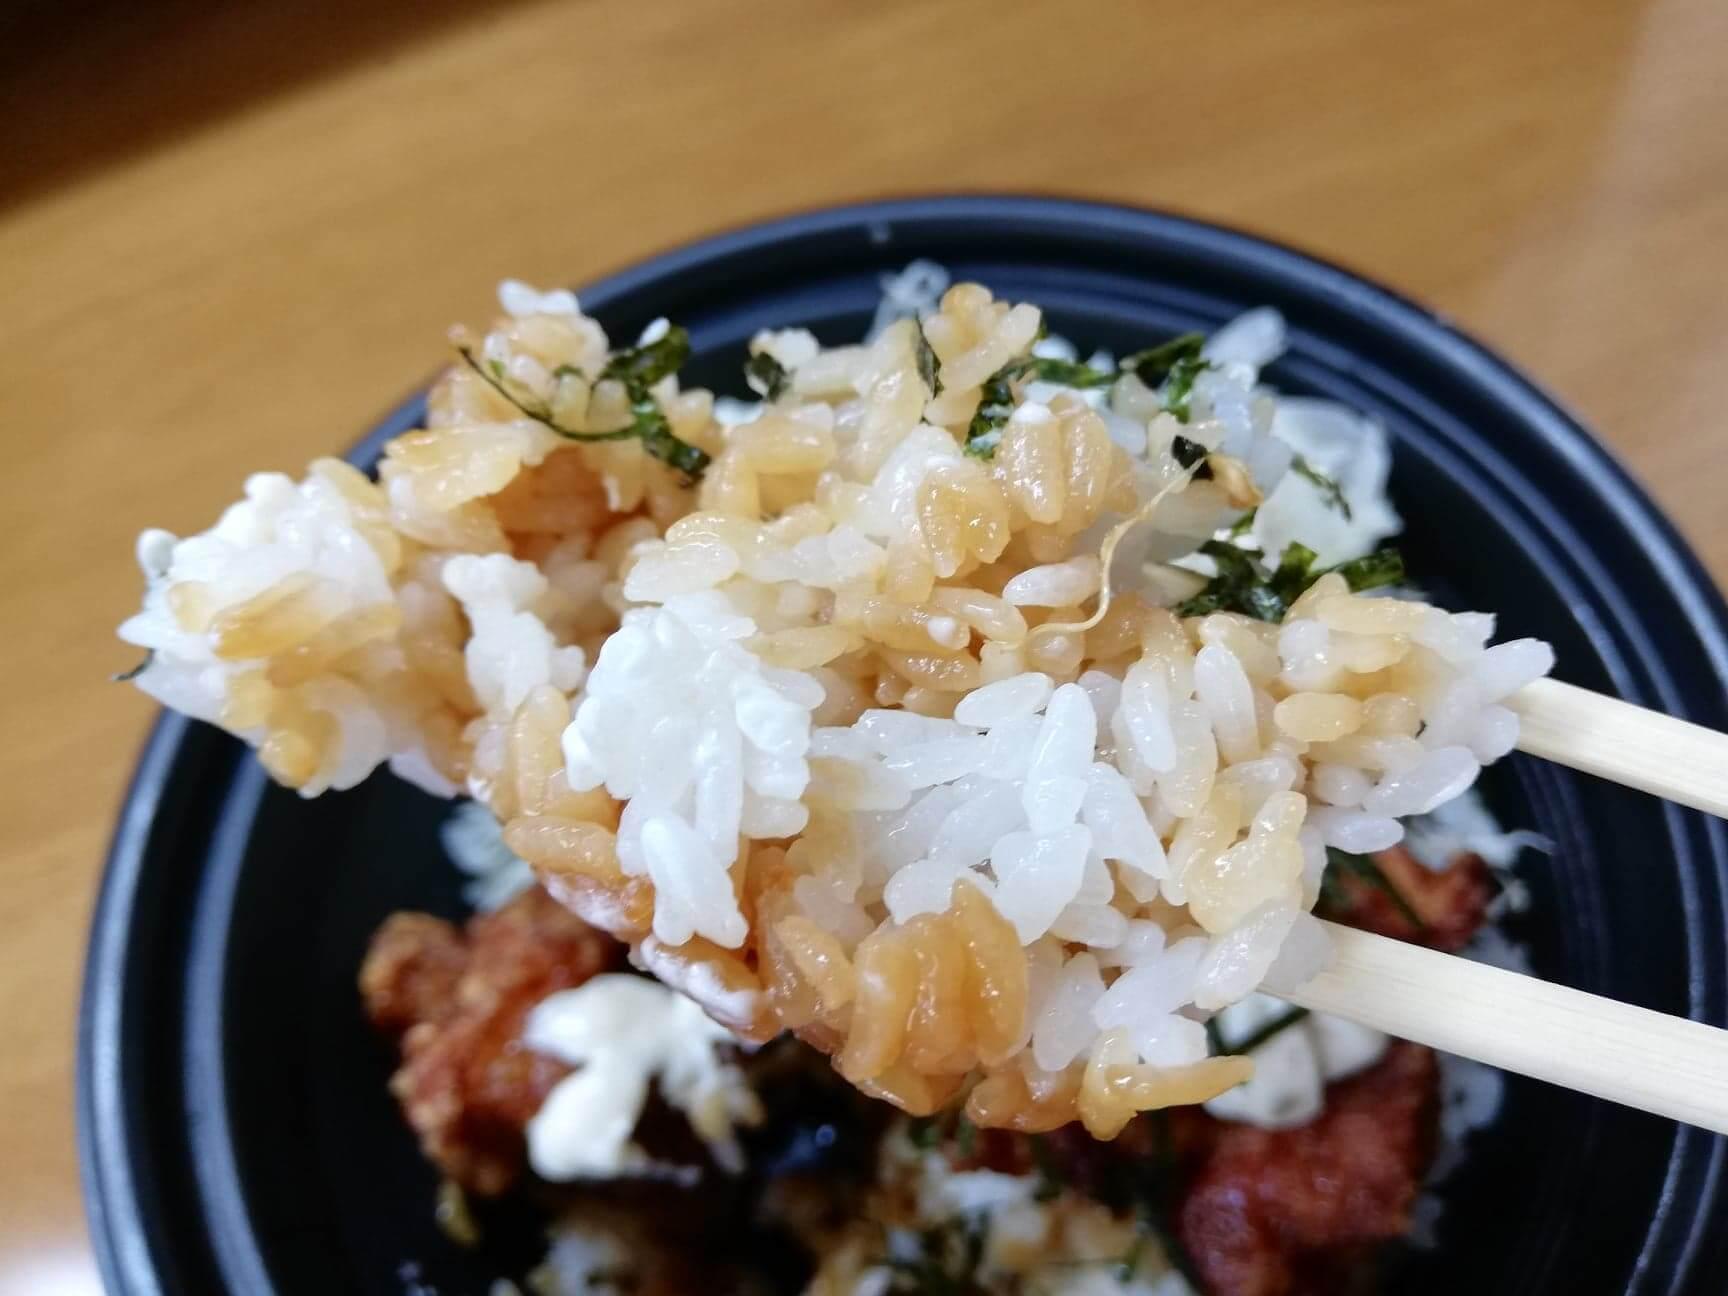 ガストのテイクアウトメニュー『ランチ唐揚げテリタル丼』のライスを箸で持ち上げた写真